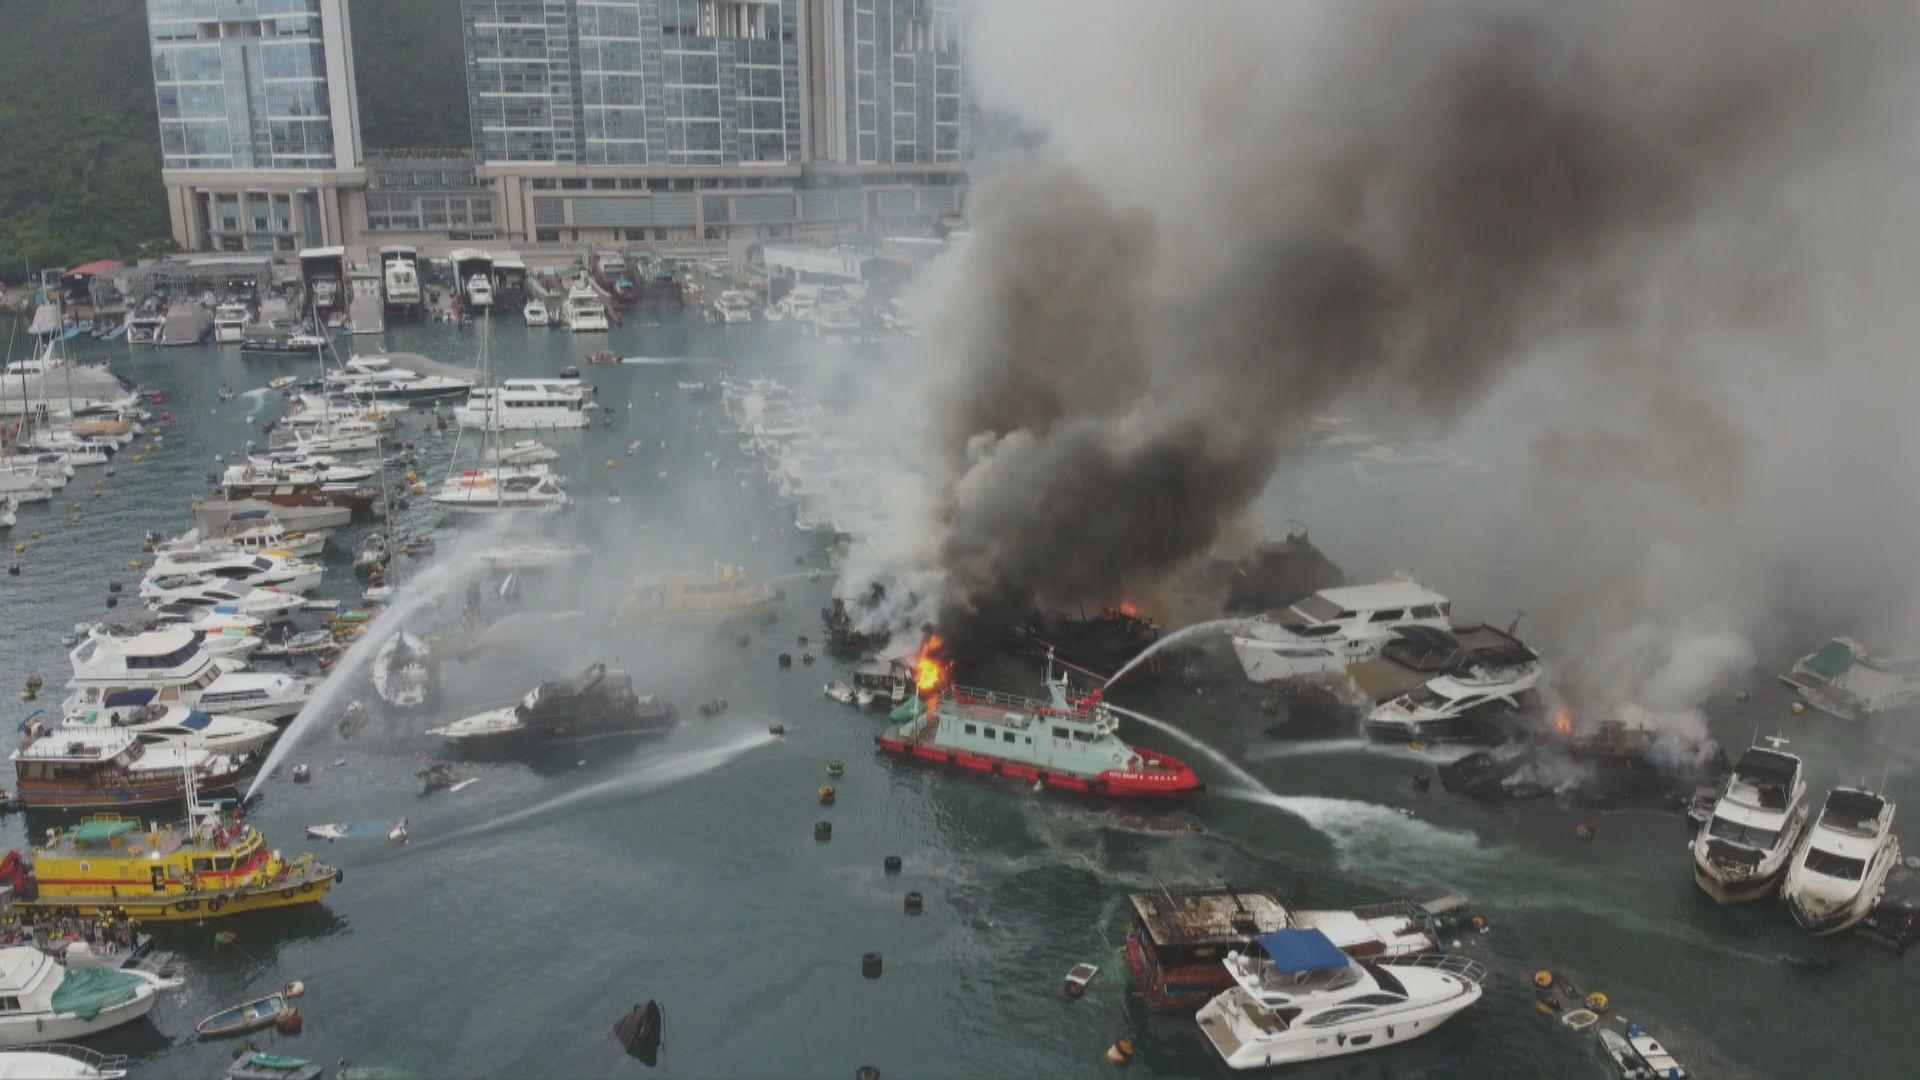 香港仔避風塘三級船火波及逾30艘船 一男童受傷送院